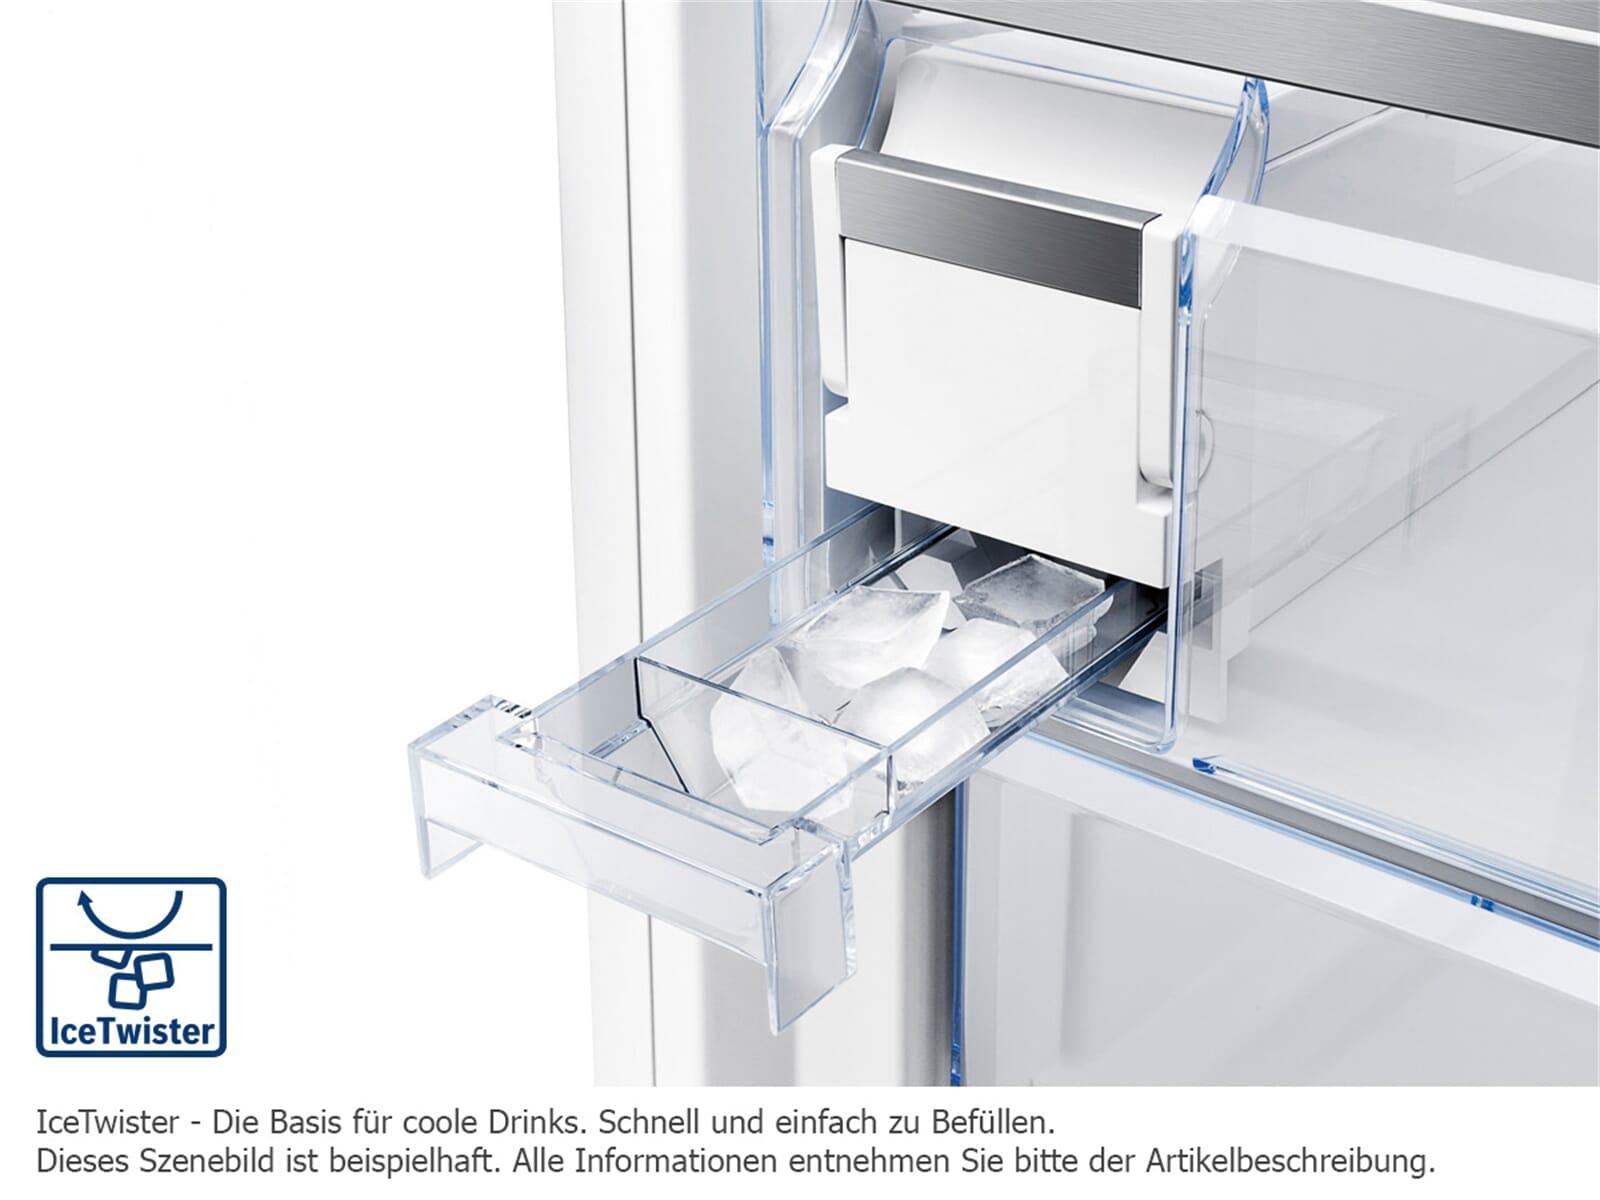 bosch kmf40sb20 french door k hl gefrier kombination schwarz hinter glas. Black Bedroom Furniture Sets. Home Design Ideas